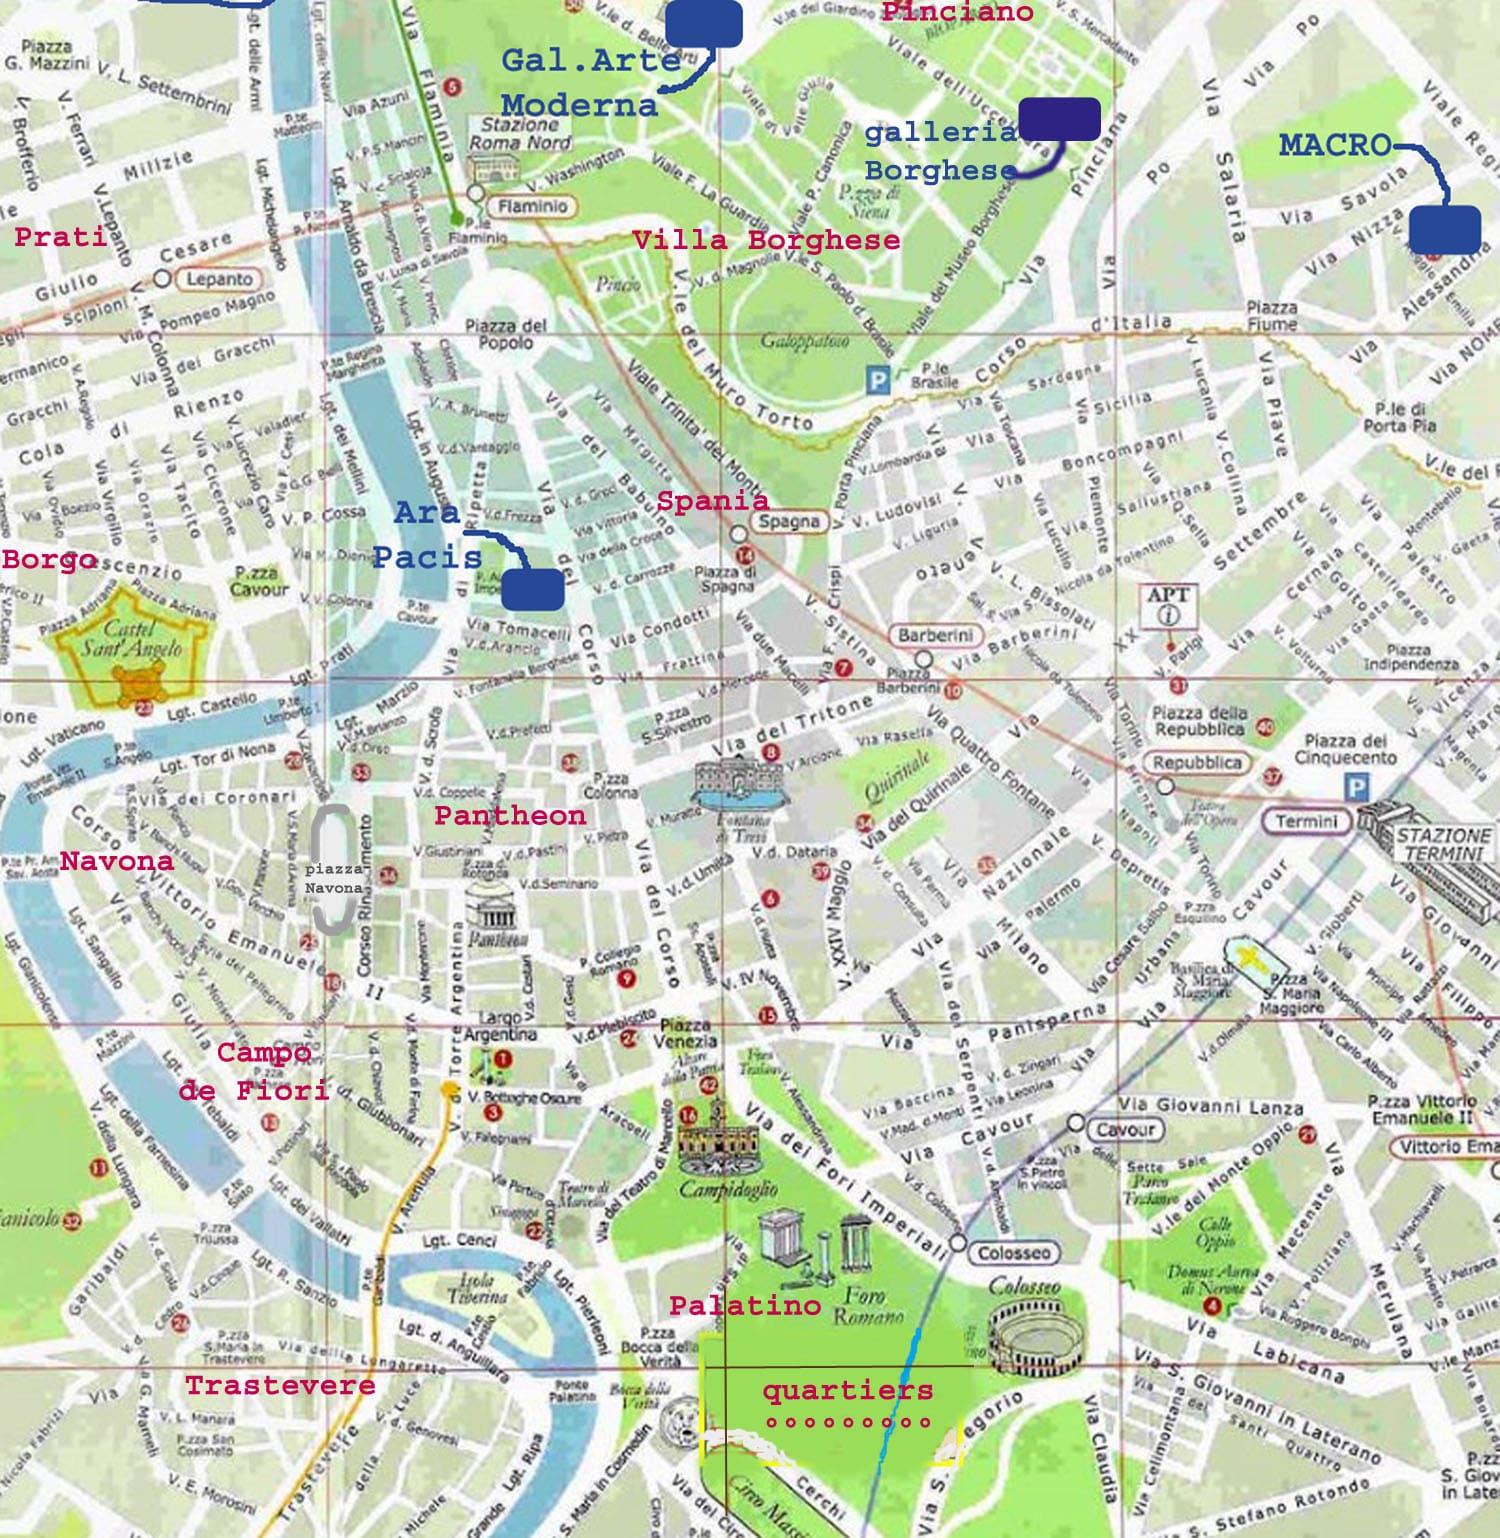 Cartina Roma Ciampino.Mappe E Percorsi Dettagliati Di Roma